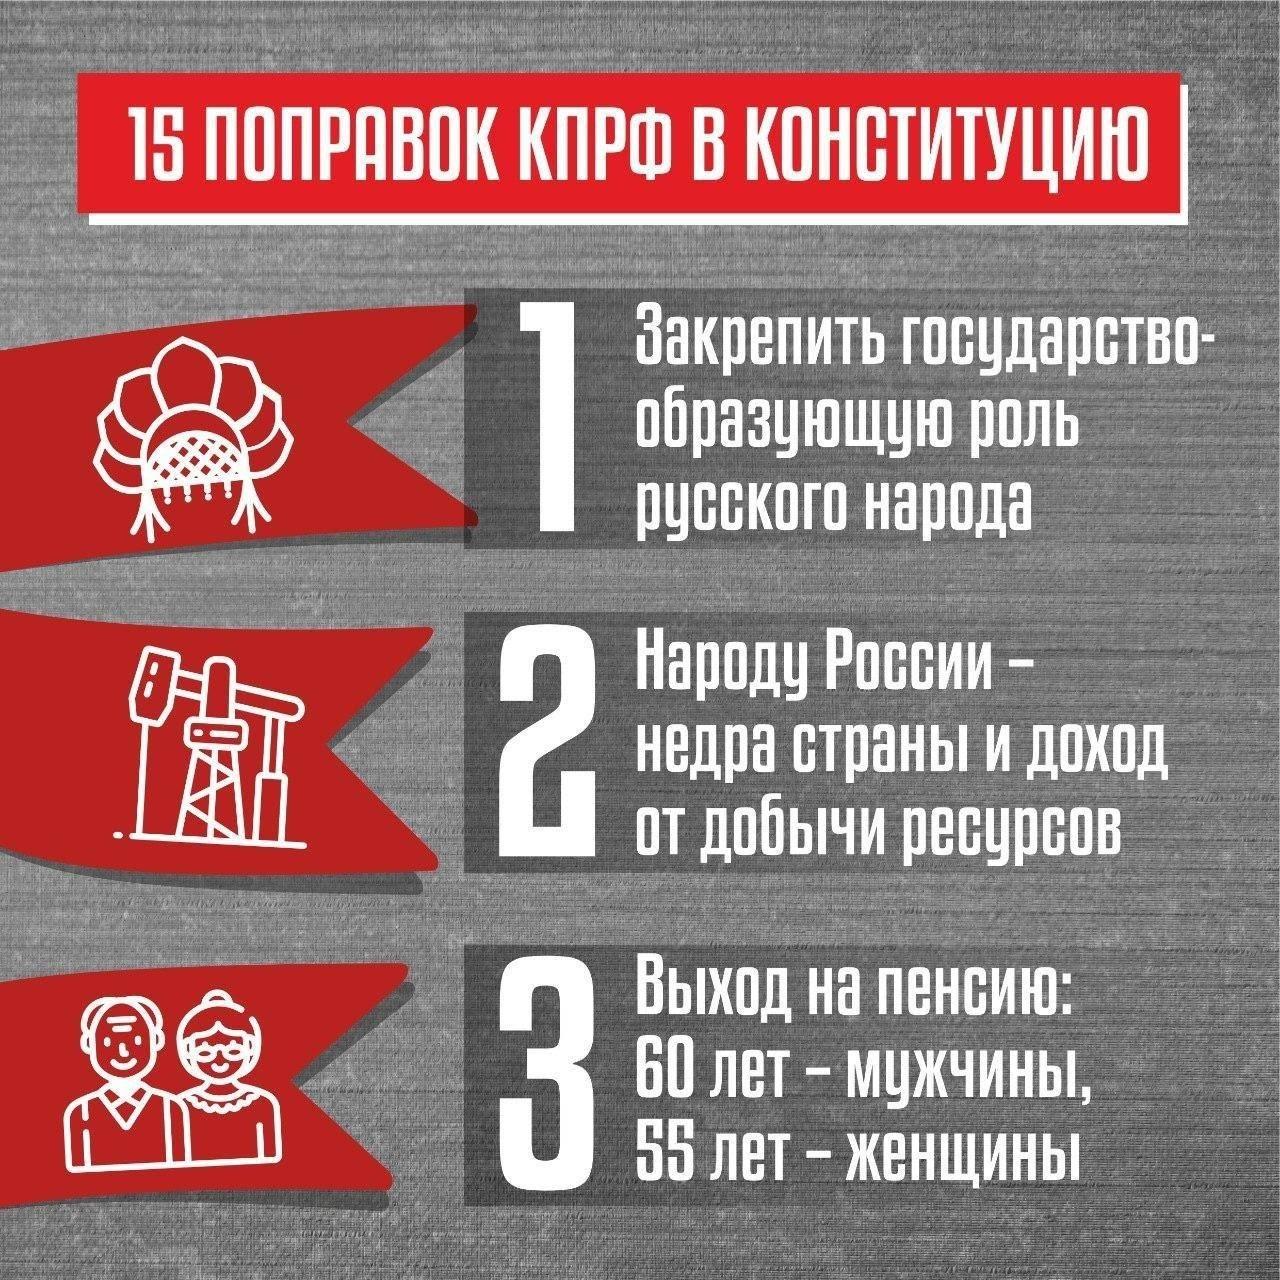 У коммунистов собственное голосование